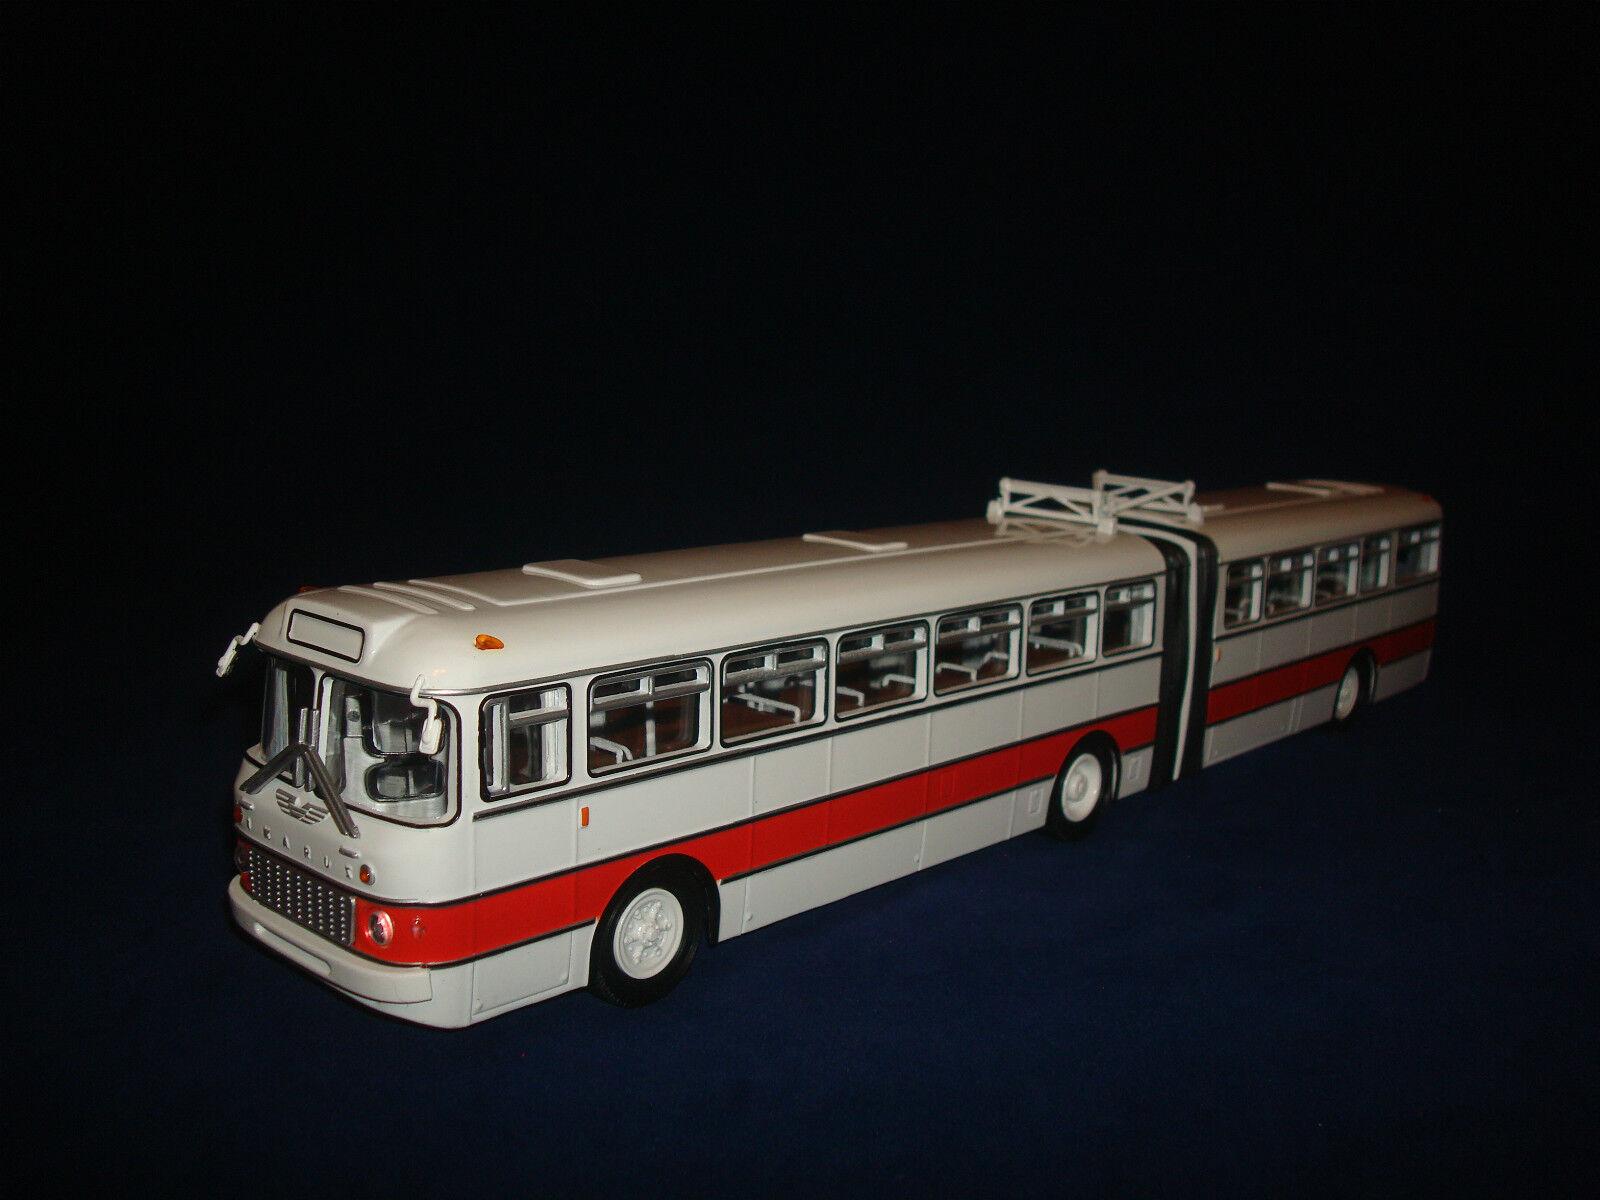 estar en gran demanda Ikarus 180 blancoo-Rojo URSS Soviética Bus 1 1 1 43  buscando agente de ventas